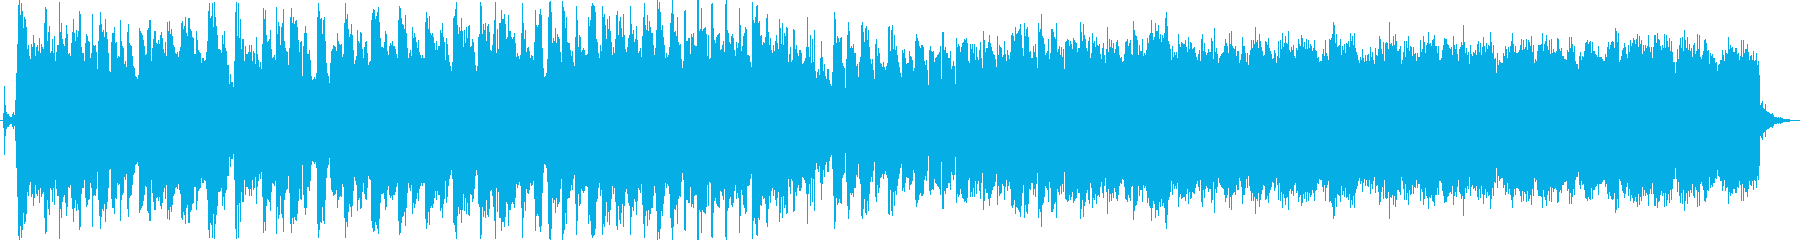 歯車が確かに回り始めたような曲の再生済みの波形